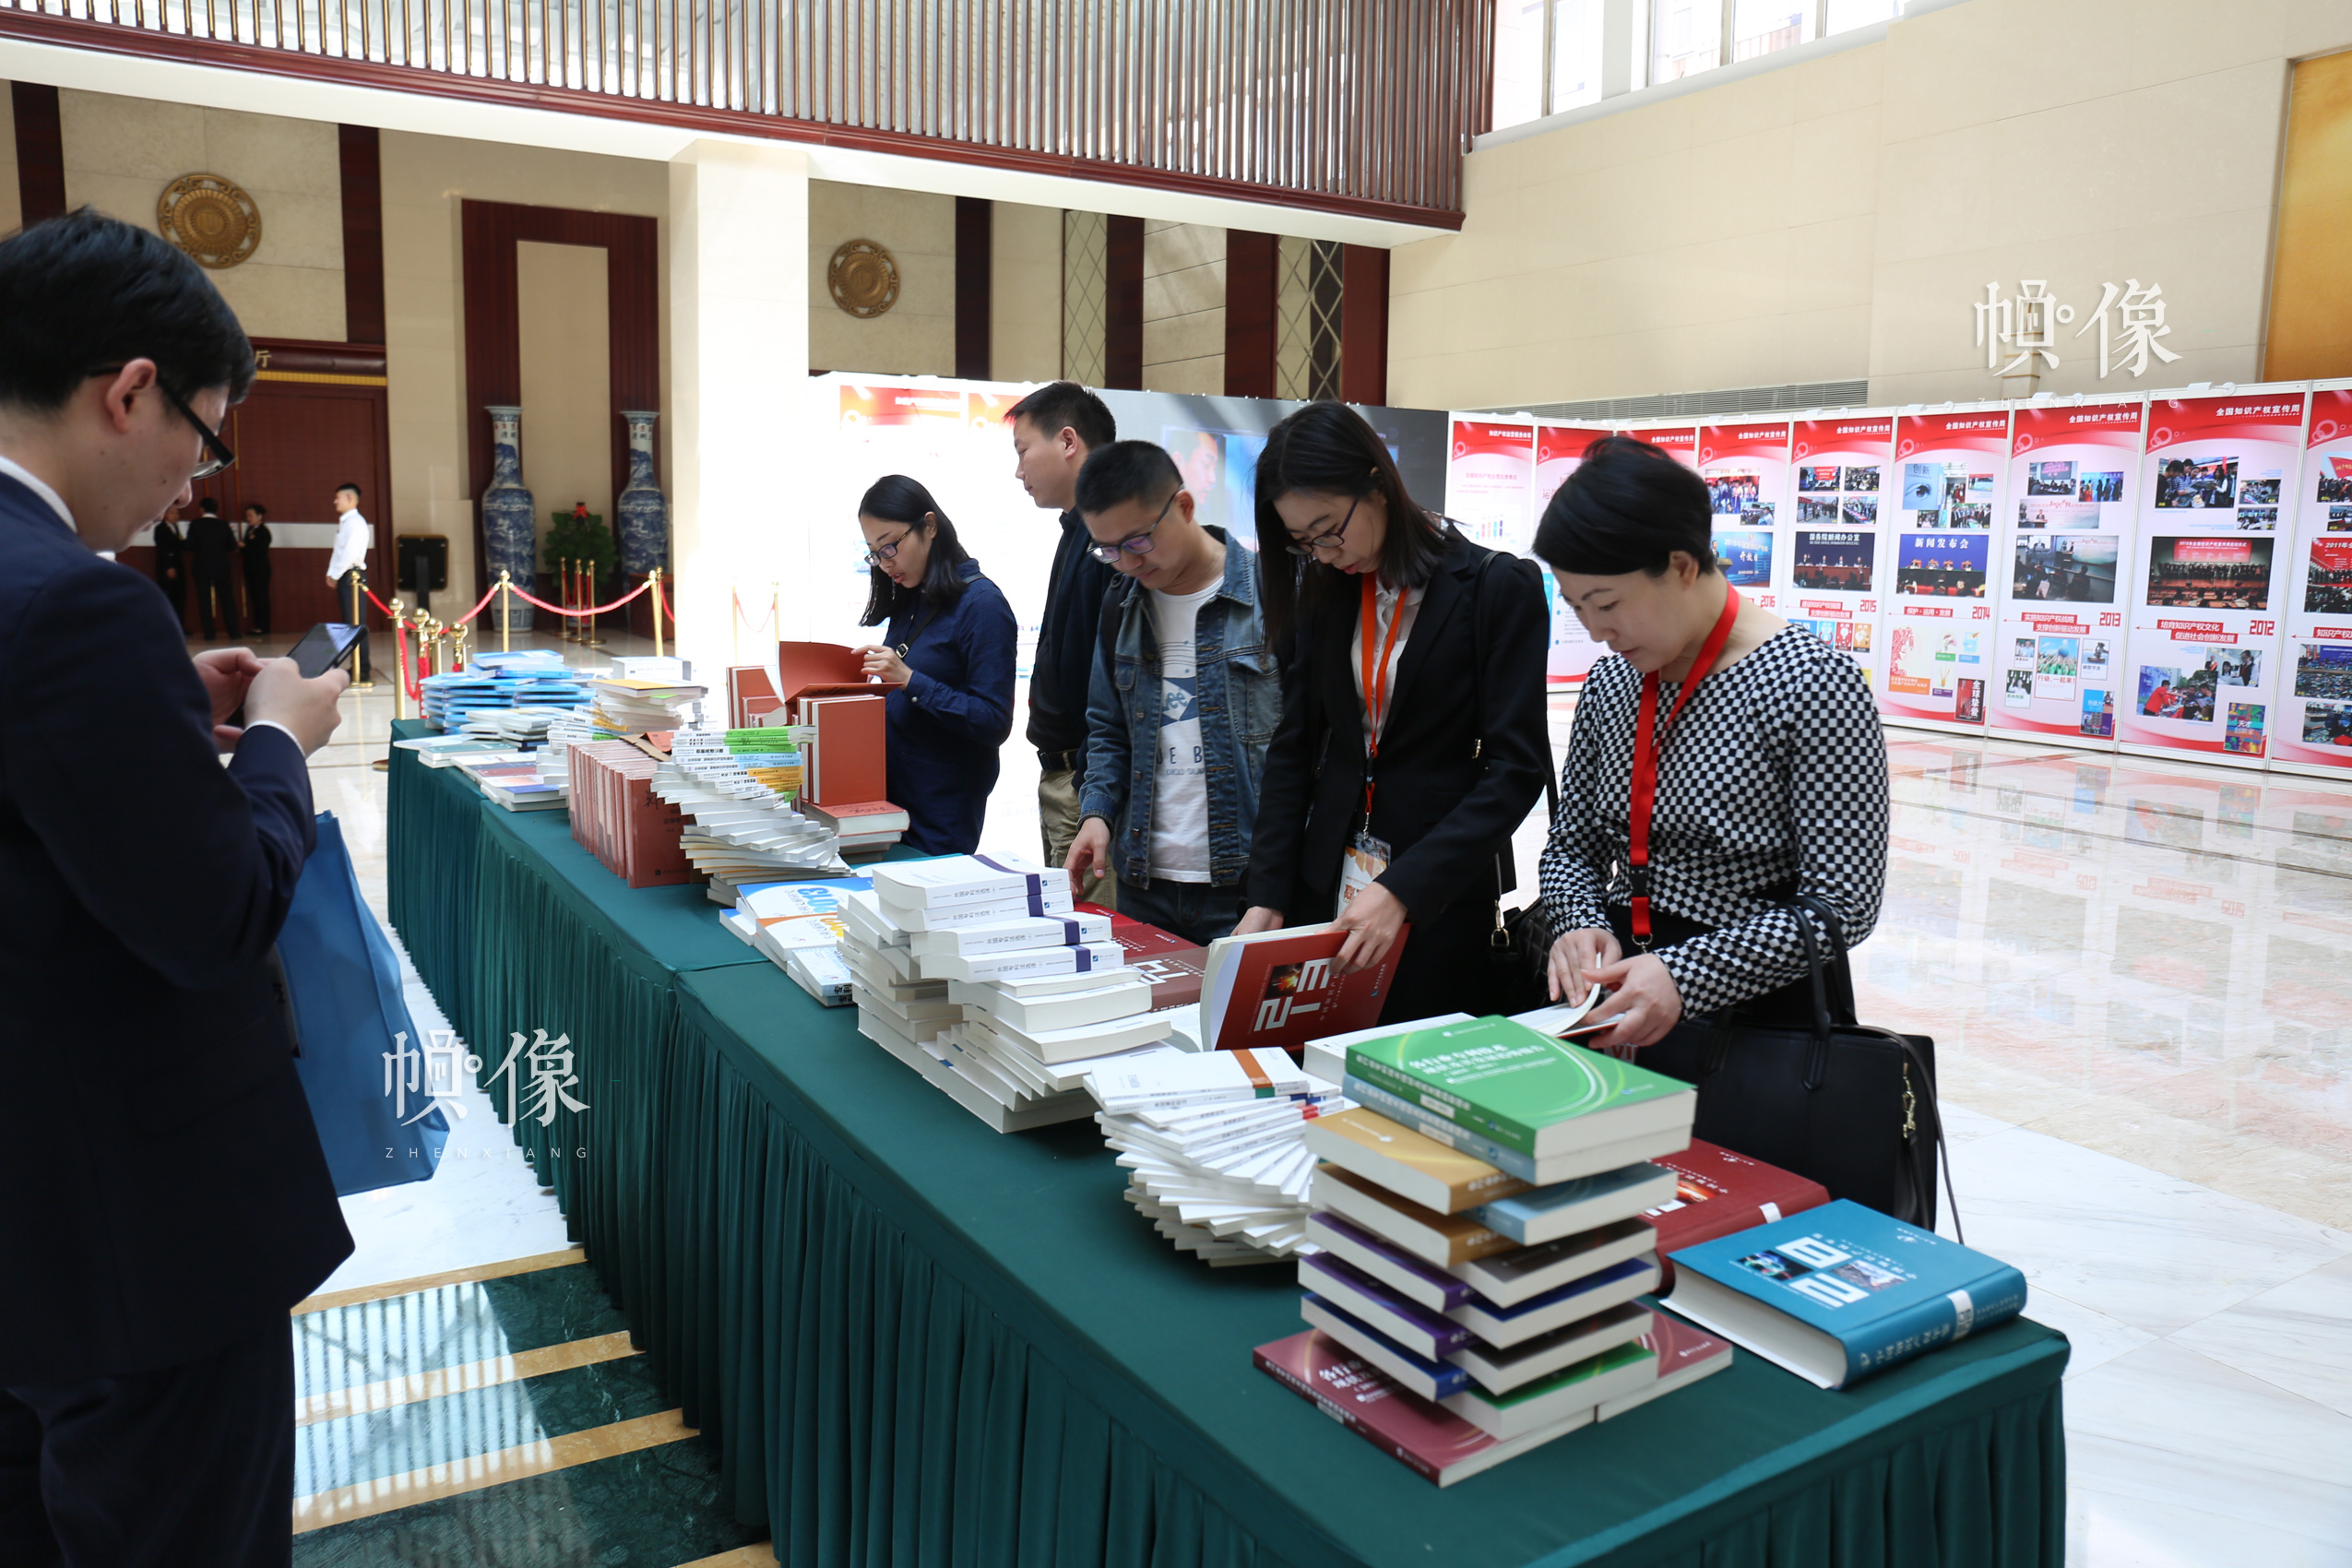 2017年4月20日,2017中国知识产权保护高层论坛开始前参会者在大厅阅读知识产权相关书籍。 中国网记者 赵超 摄